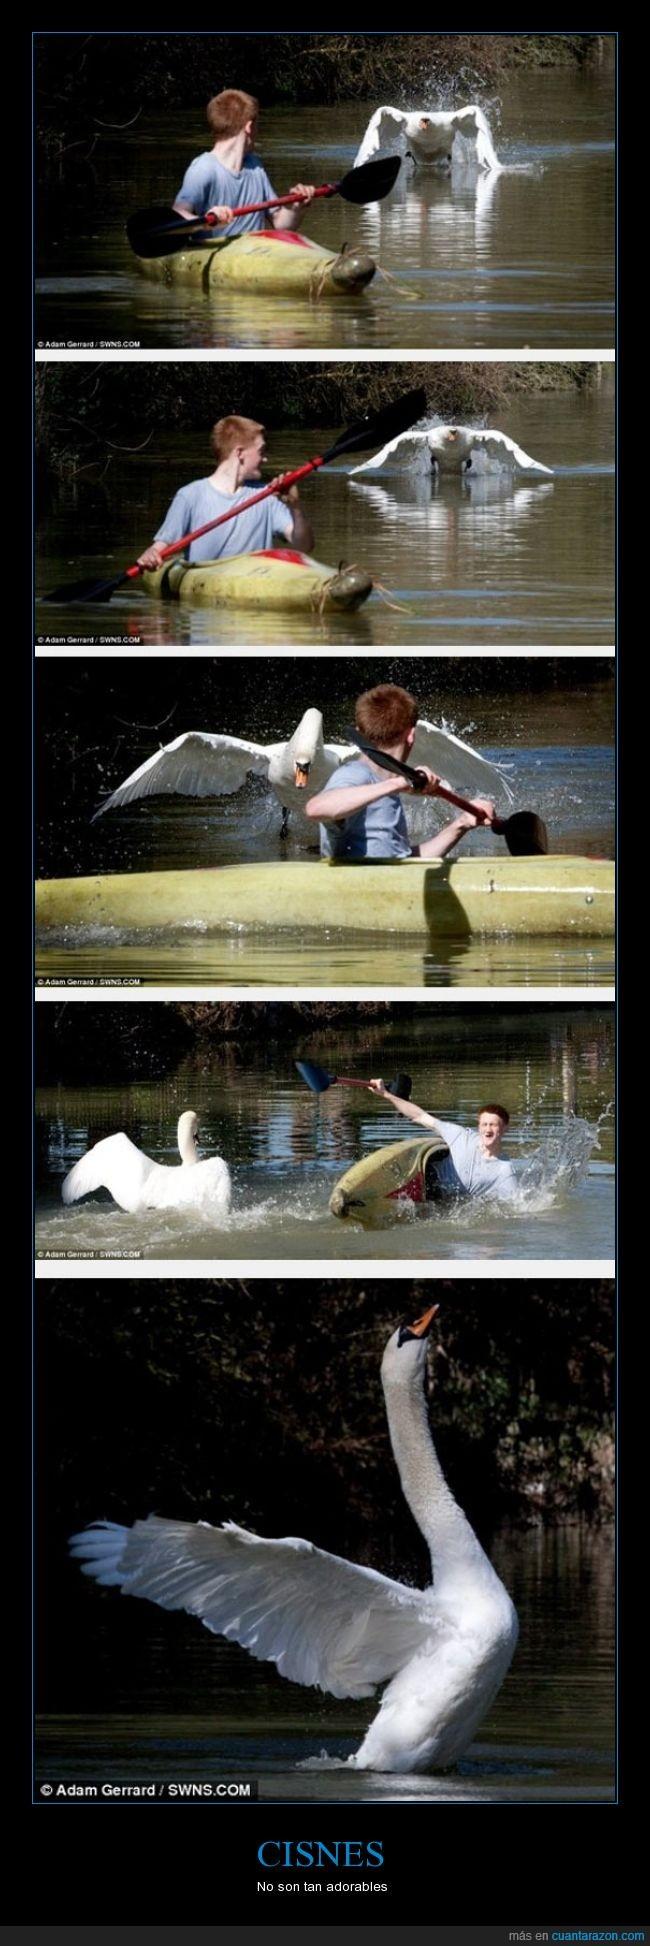 atacar,ataque,barca,cisnes,malvado,plumas